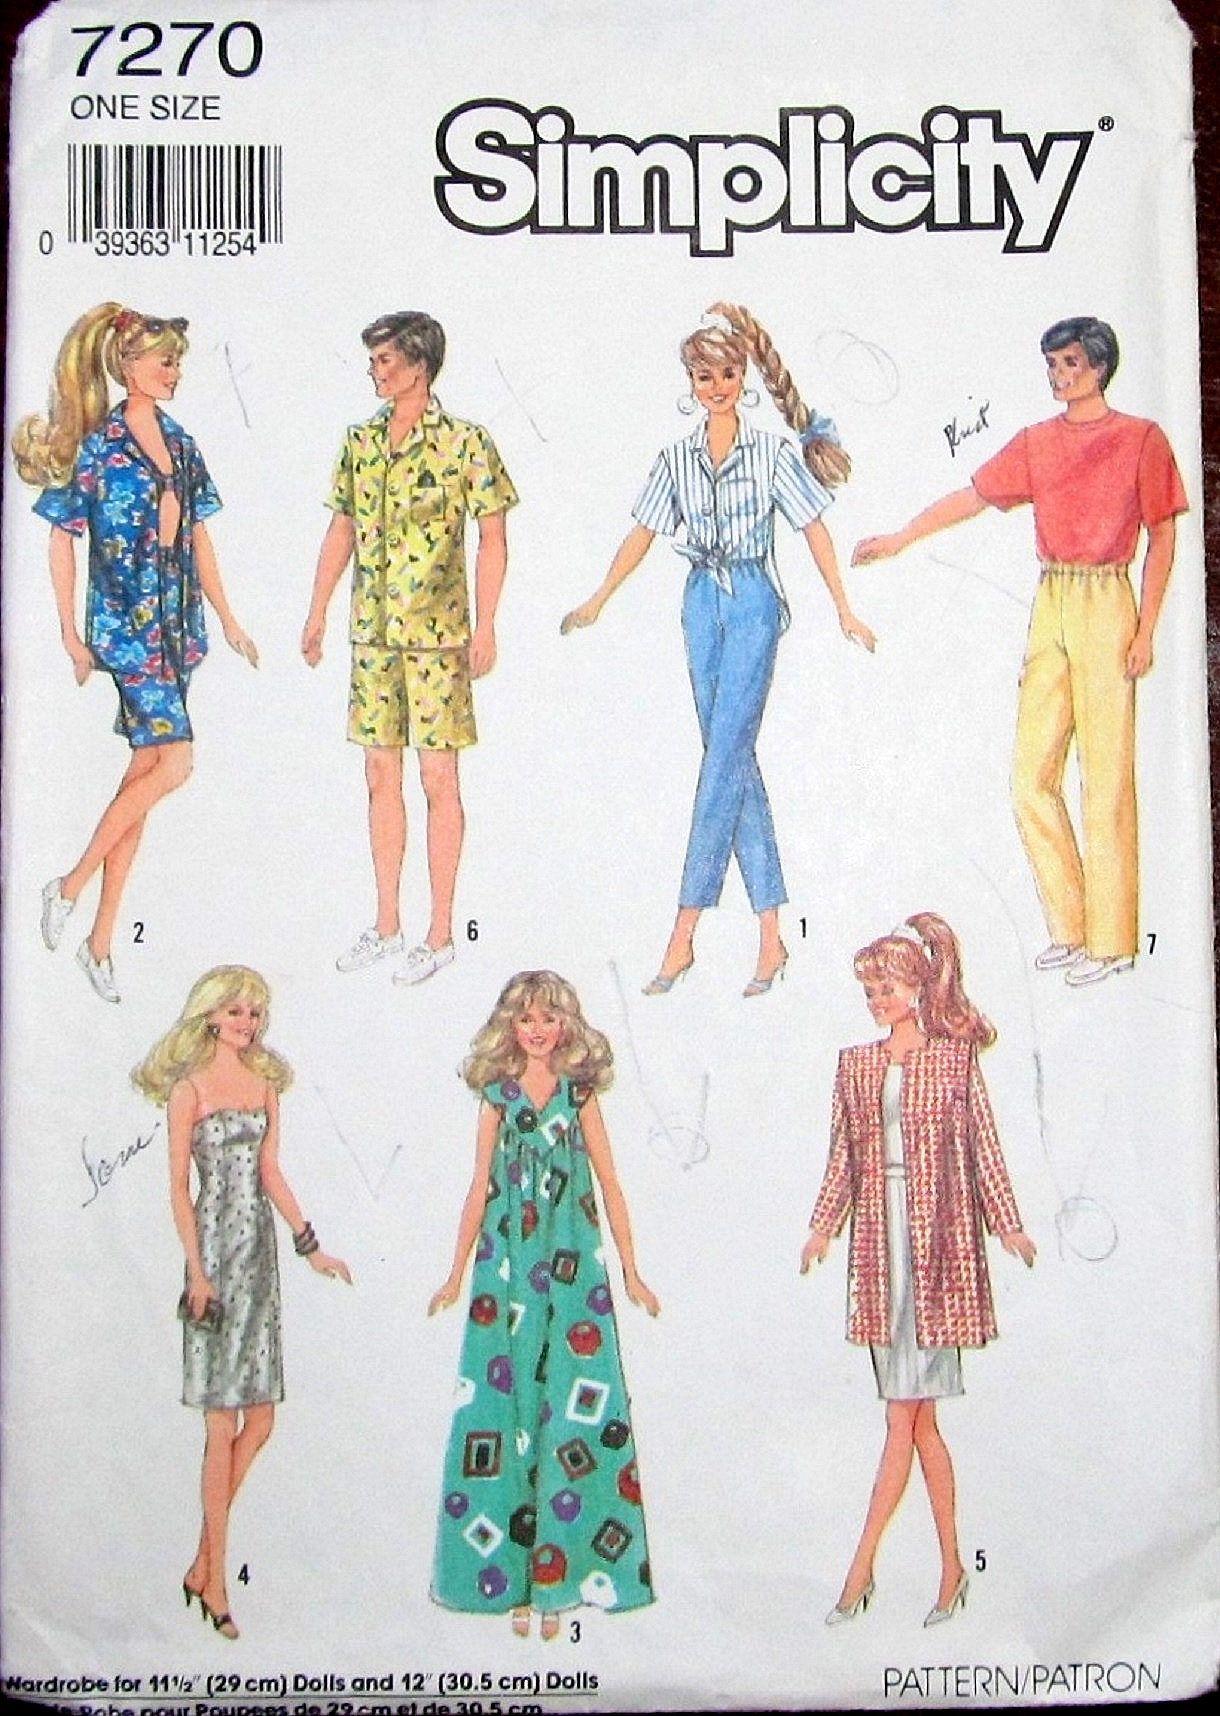 Vintage Craft Sewing Pattern Simplicity 7270 Ken Barbie 11 5 12